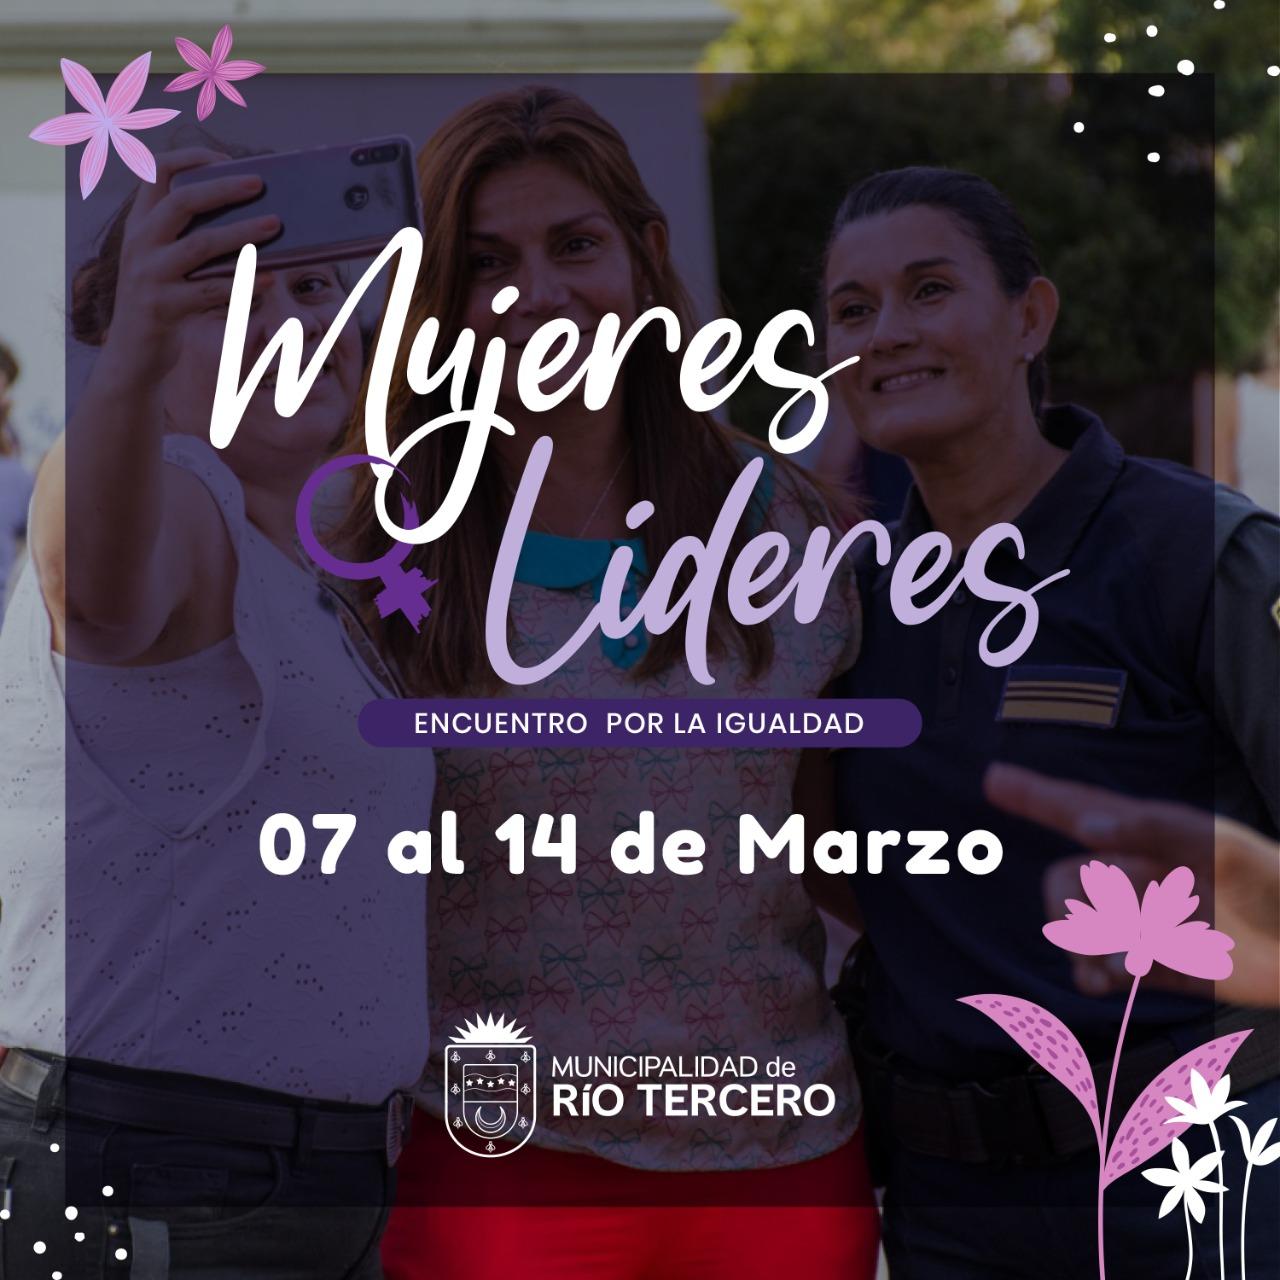 Del 7 al 14 de marzo el municipio realiza actividades por el Día de la mujer.